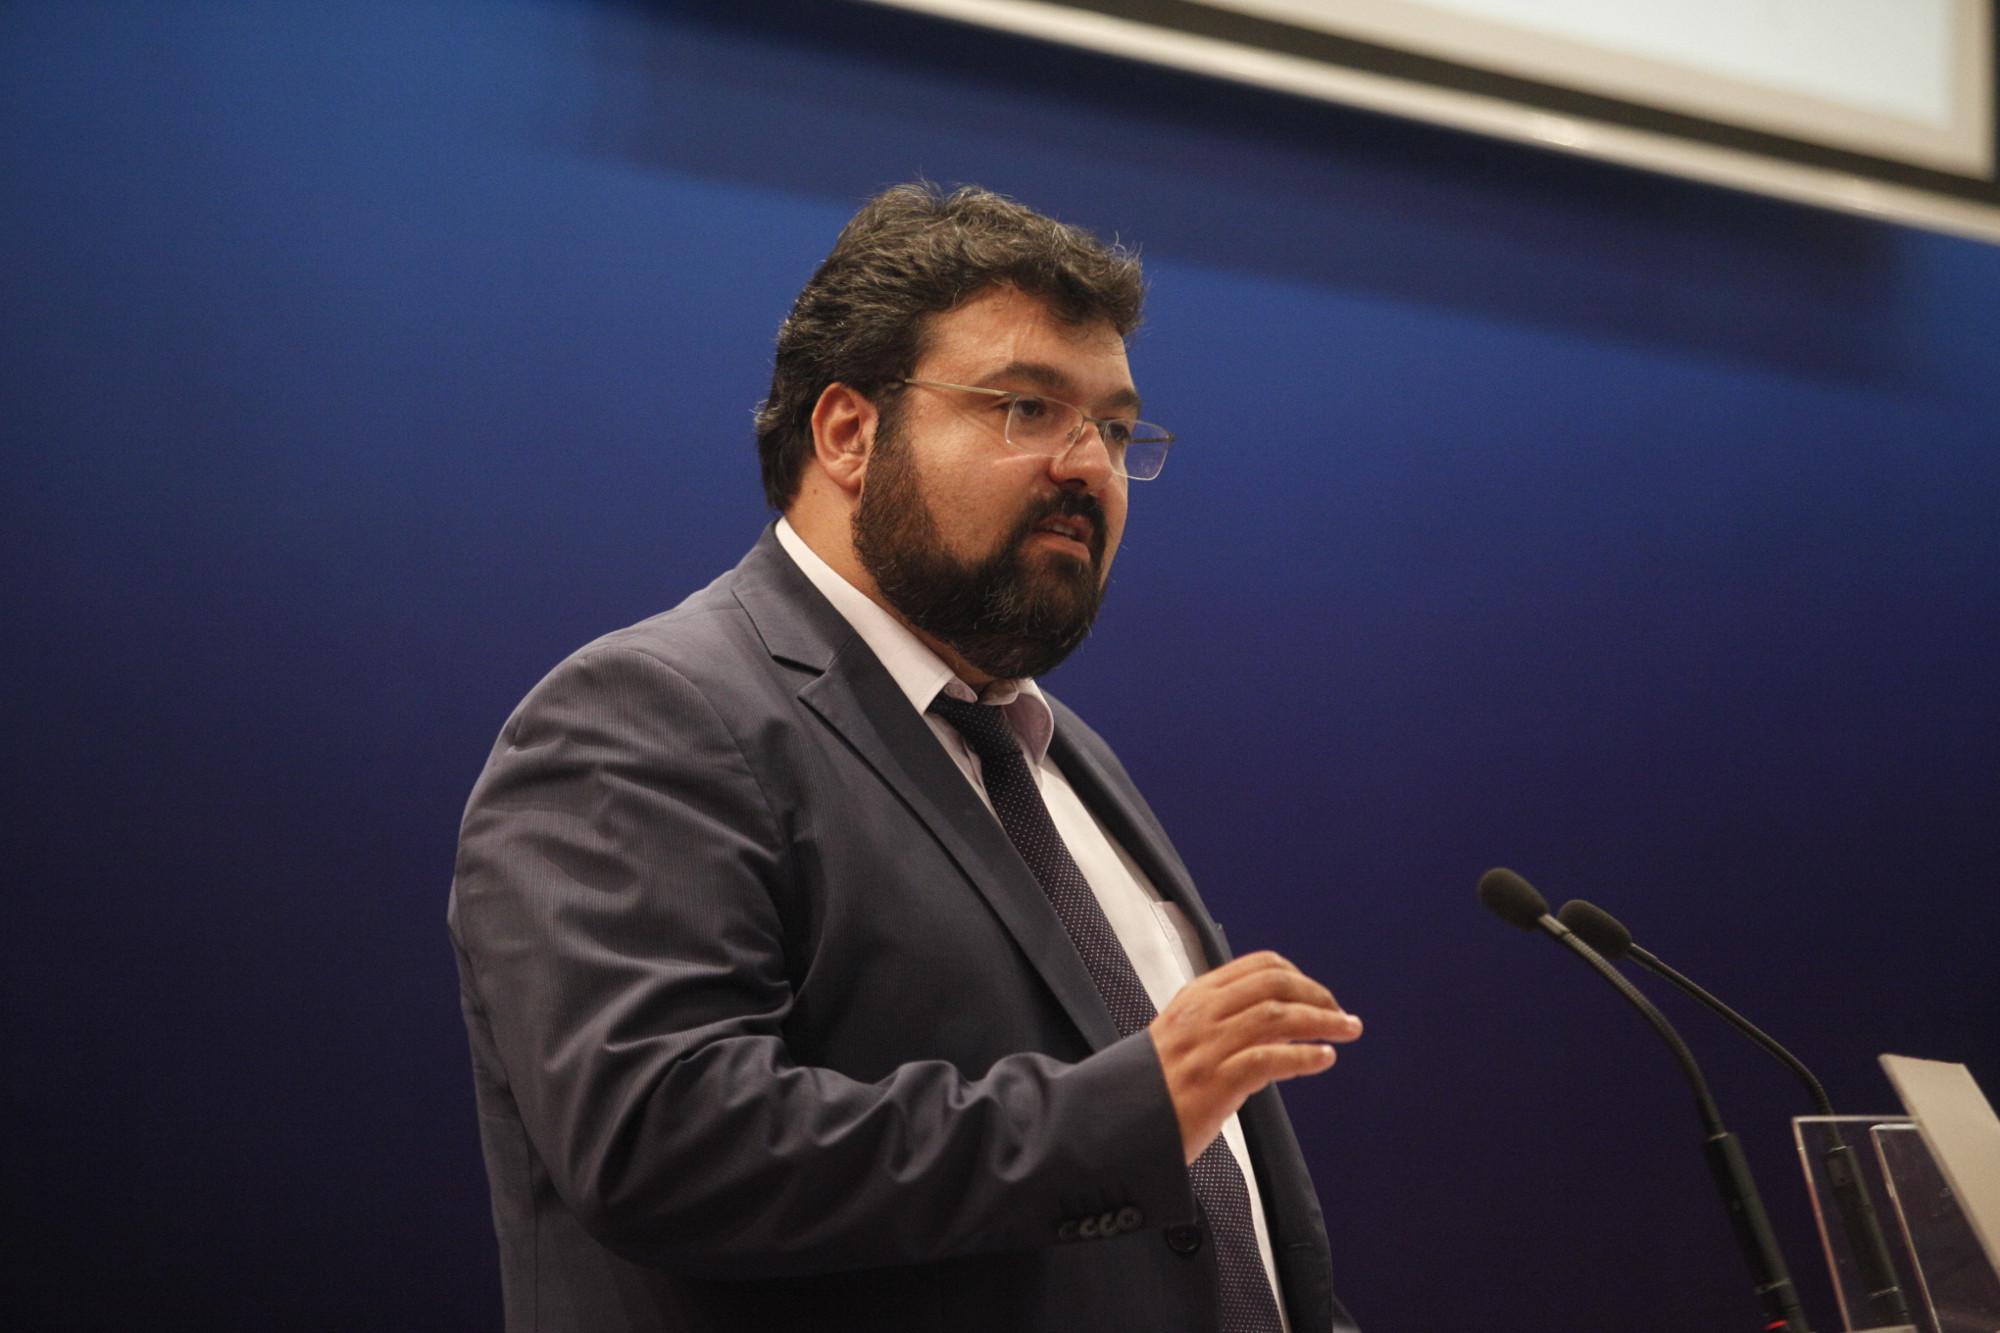 Βασιλειάδης στη Βουλή: Ταυτοποιήθηκαν ακόμη δύο άτομα για τα επεισόδια στο ΟΑΚΑ